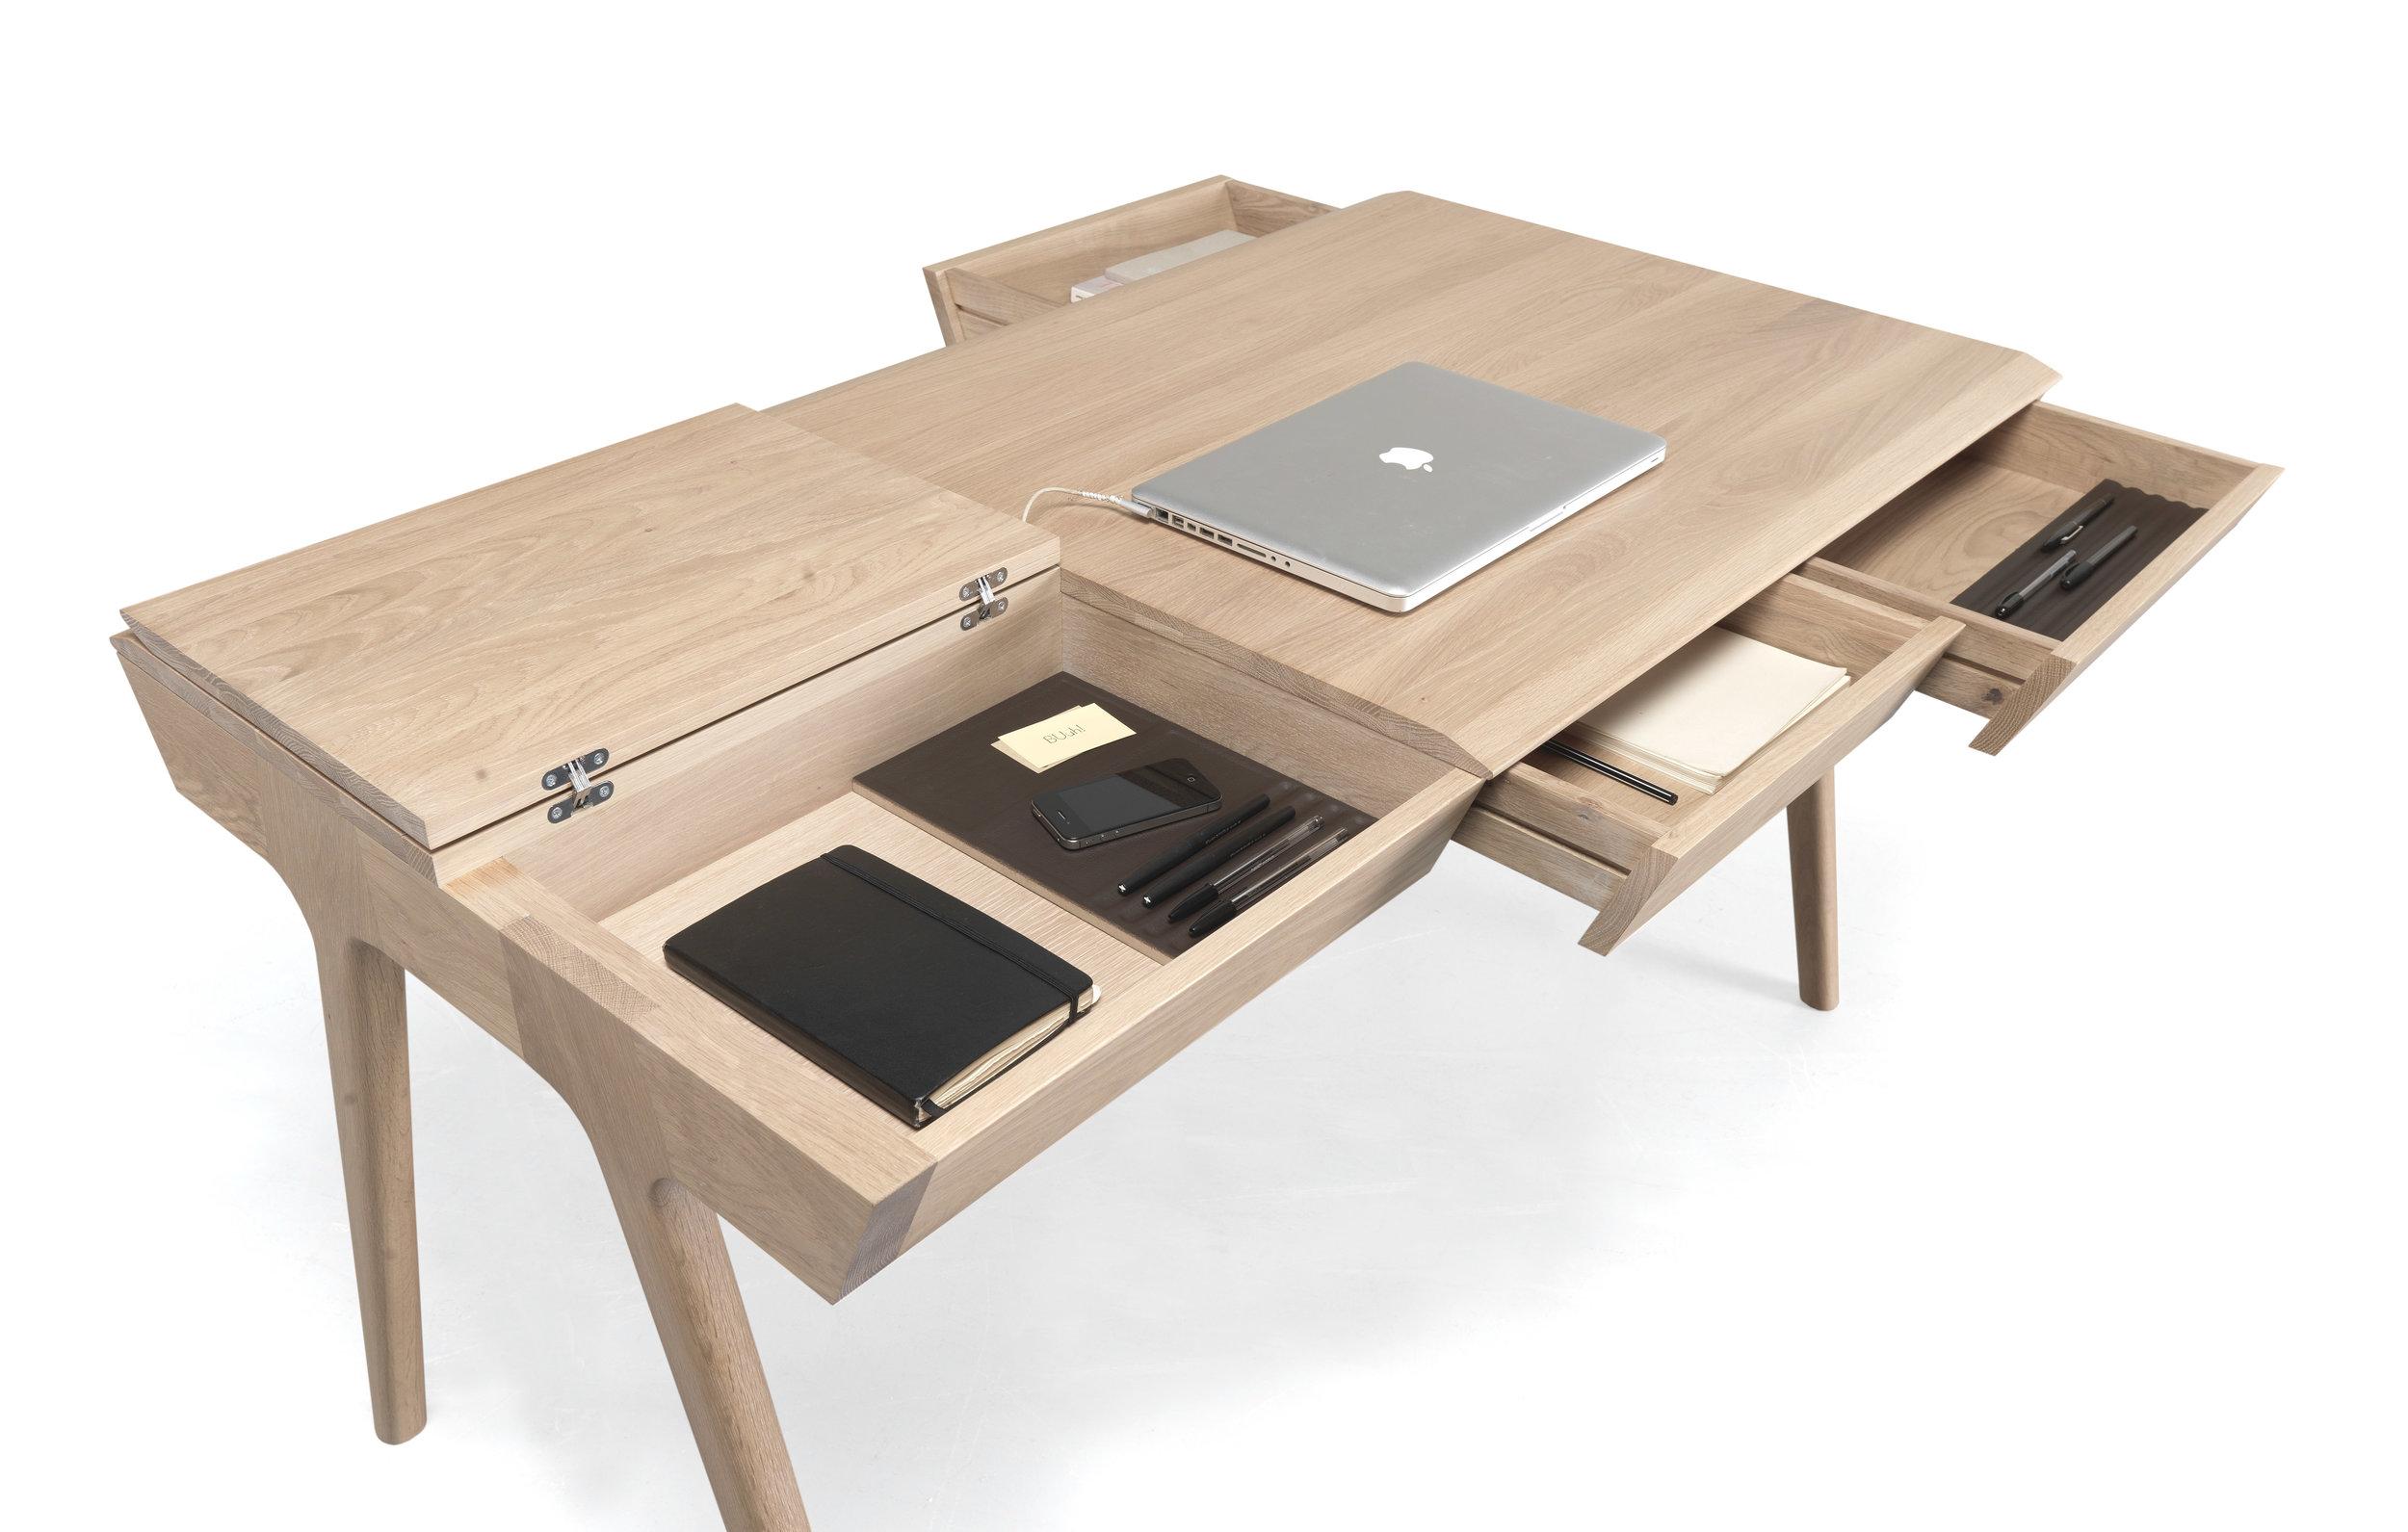 1. METIS desk by WEWOOD